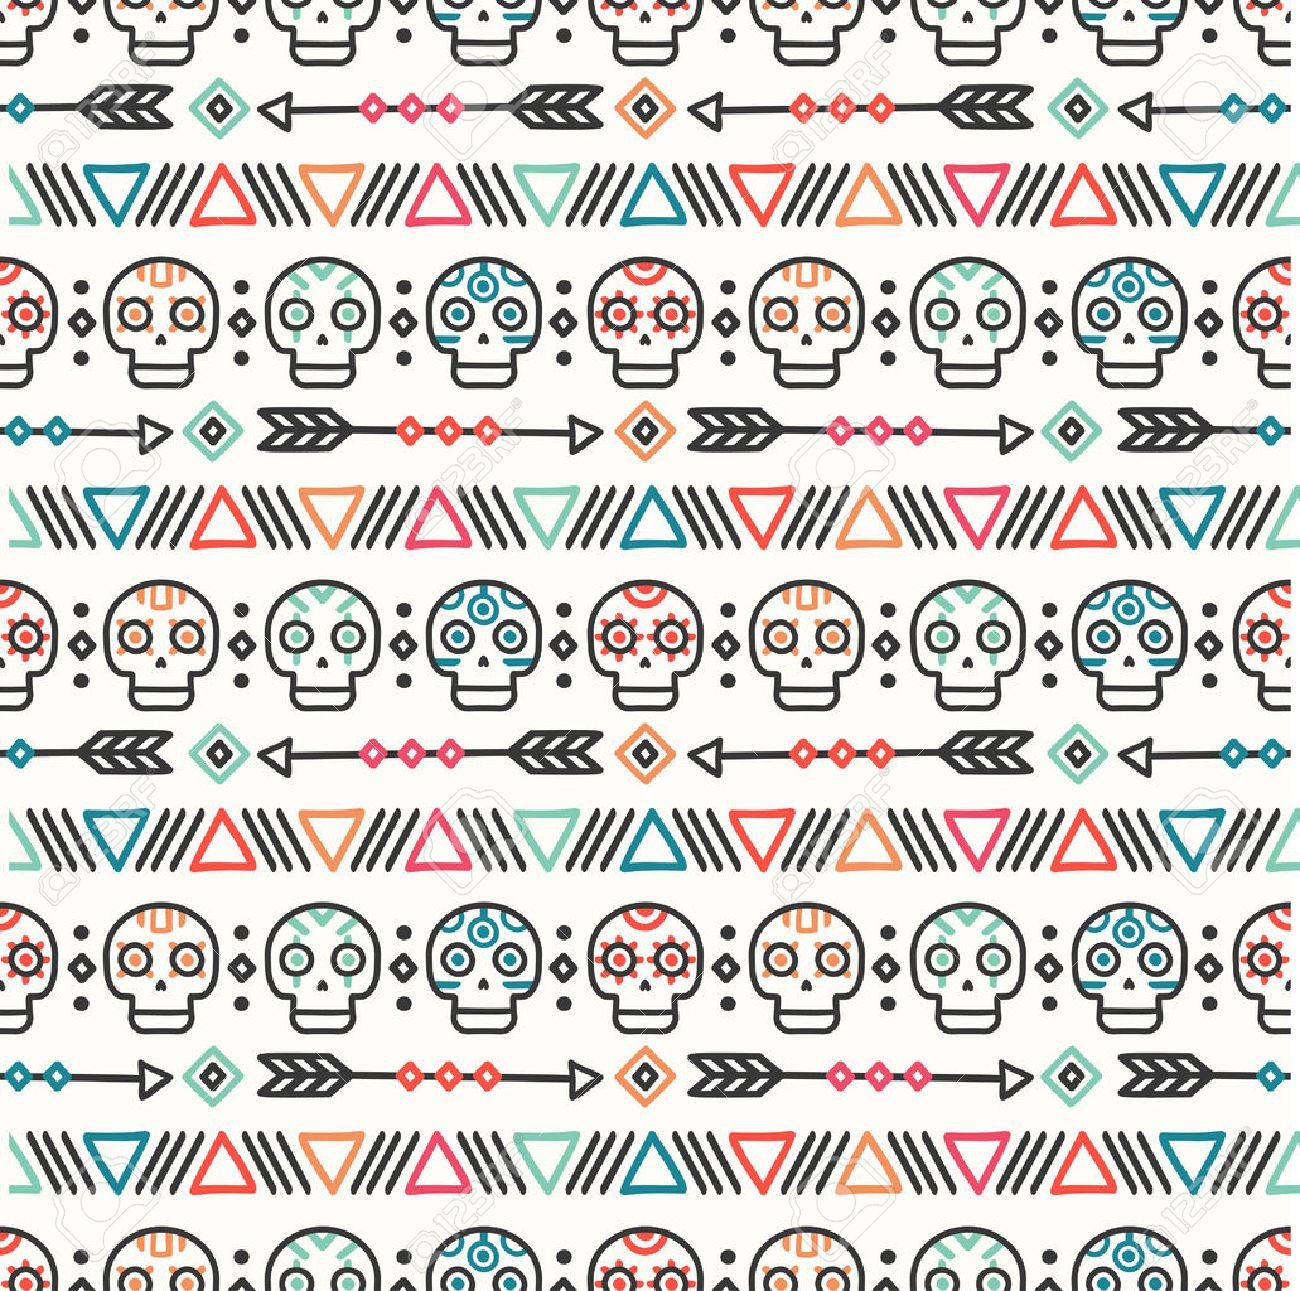 Le jour des morts. Modèle tribal à la main tiré par la ligne ethnique mexicaine sans soudure. Frontière. Papier cadeau. Impression. Doodles. Carrelage. Illustration vectorielle native faite à la main. Contexte aztèque. Texture. Style de crâne. Banque d'images - 75748477